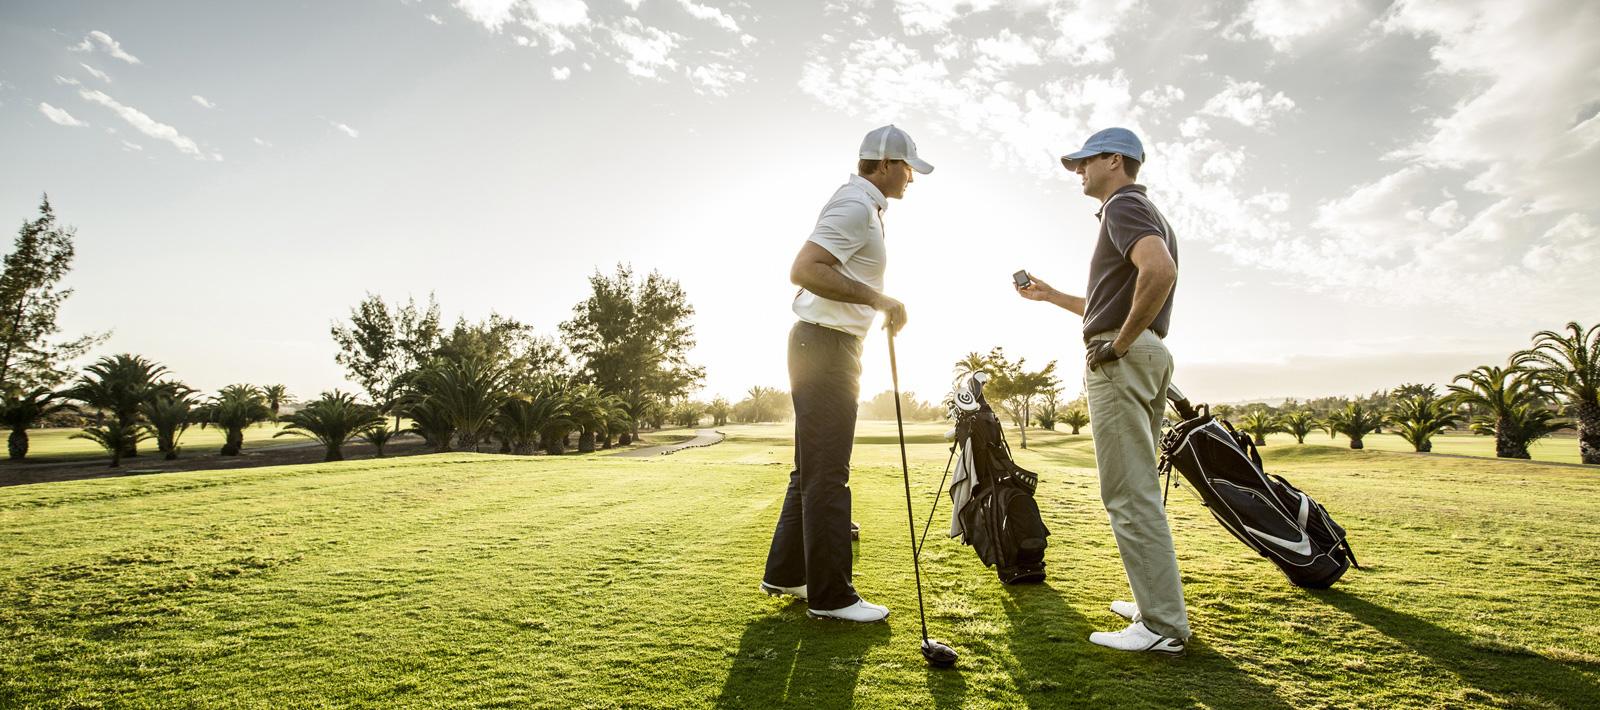 le golf est un sport éxigeant